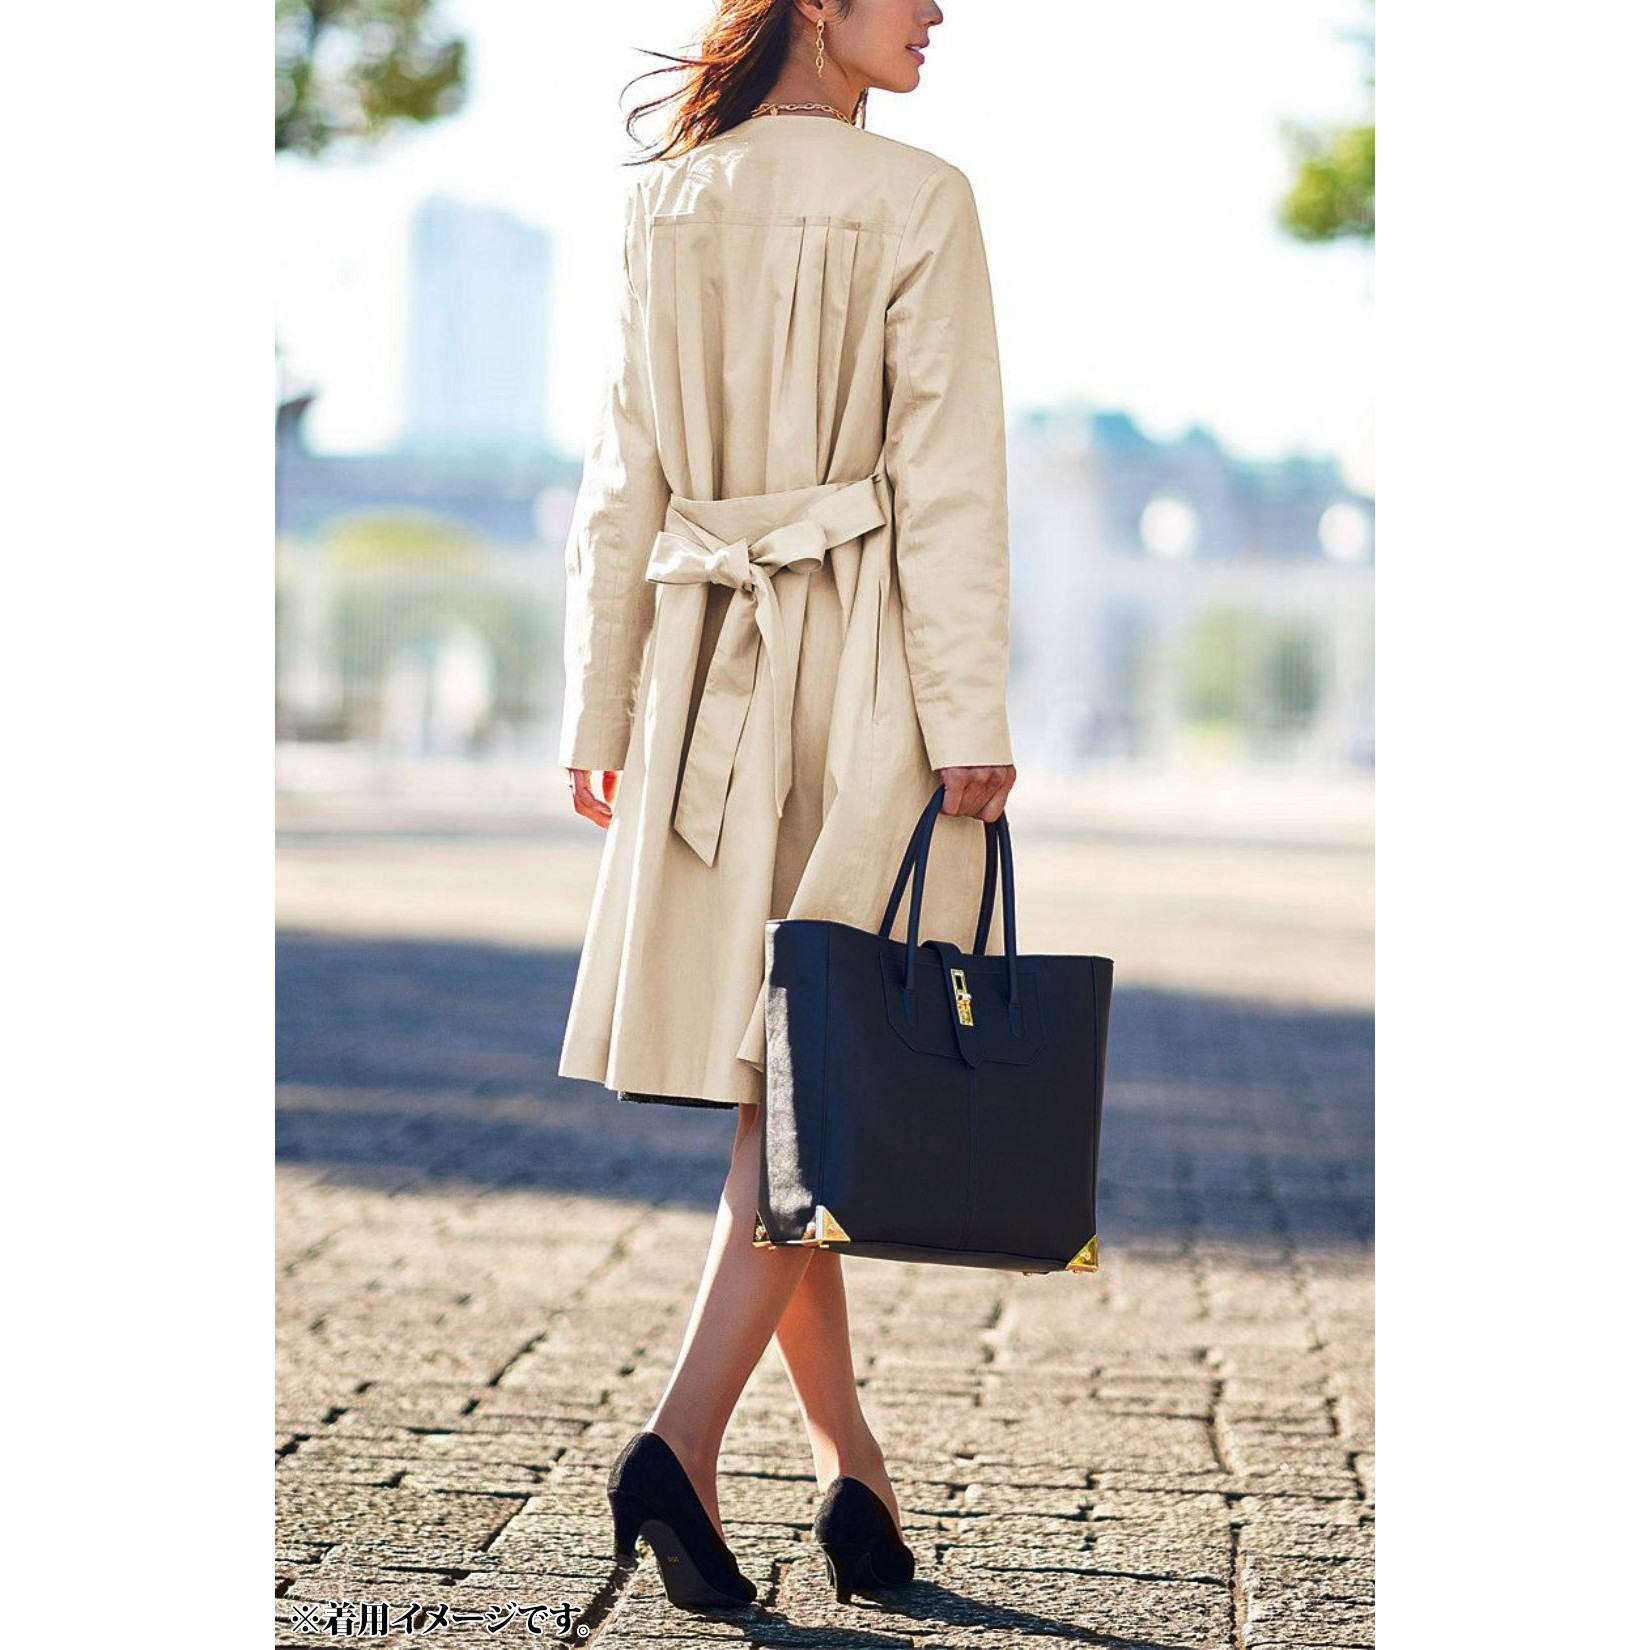 美シルエットのヒミツは背中のタックプリーツ。スーツの上に羽織ってもタイトにならない、ゆったり仕立てのらくちん美シルエット。後ろのタックやベルトなど、計算づくしのこだわりが満載。